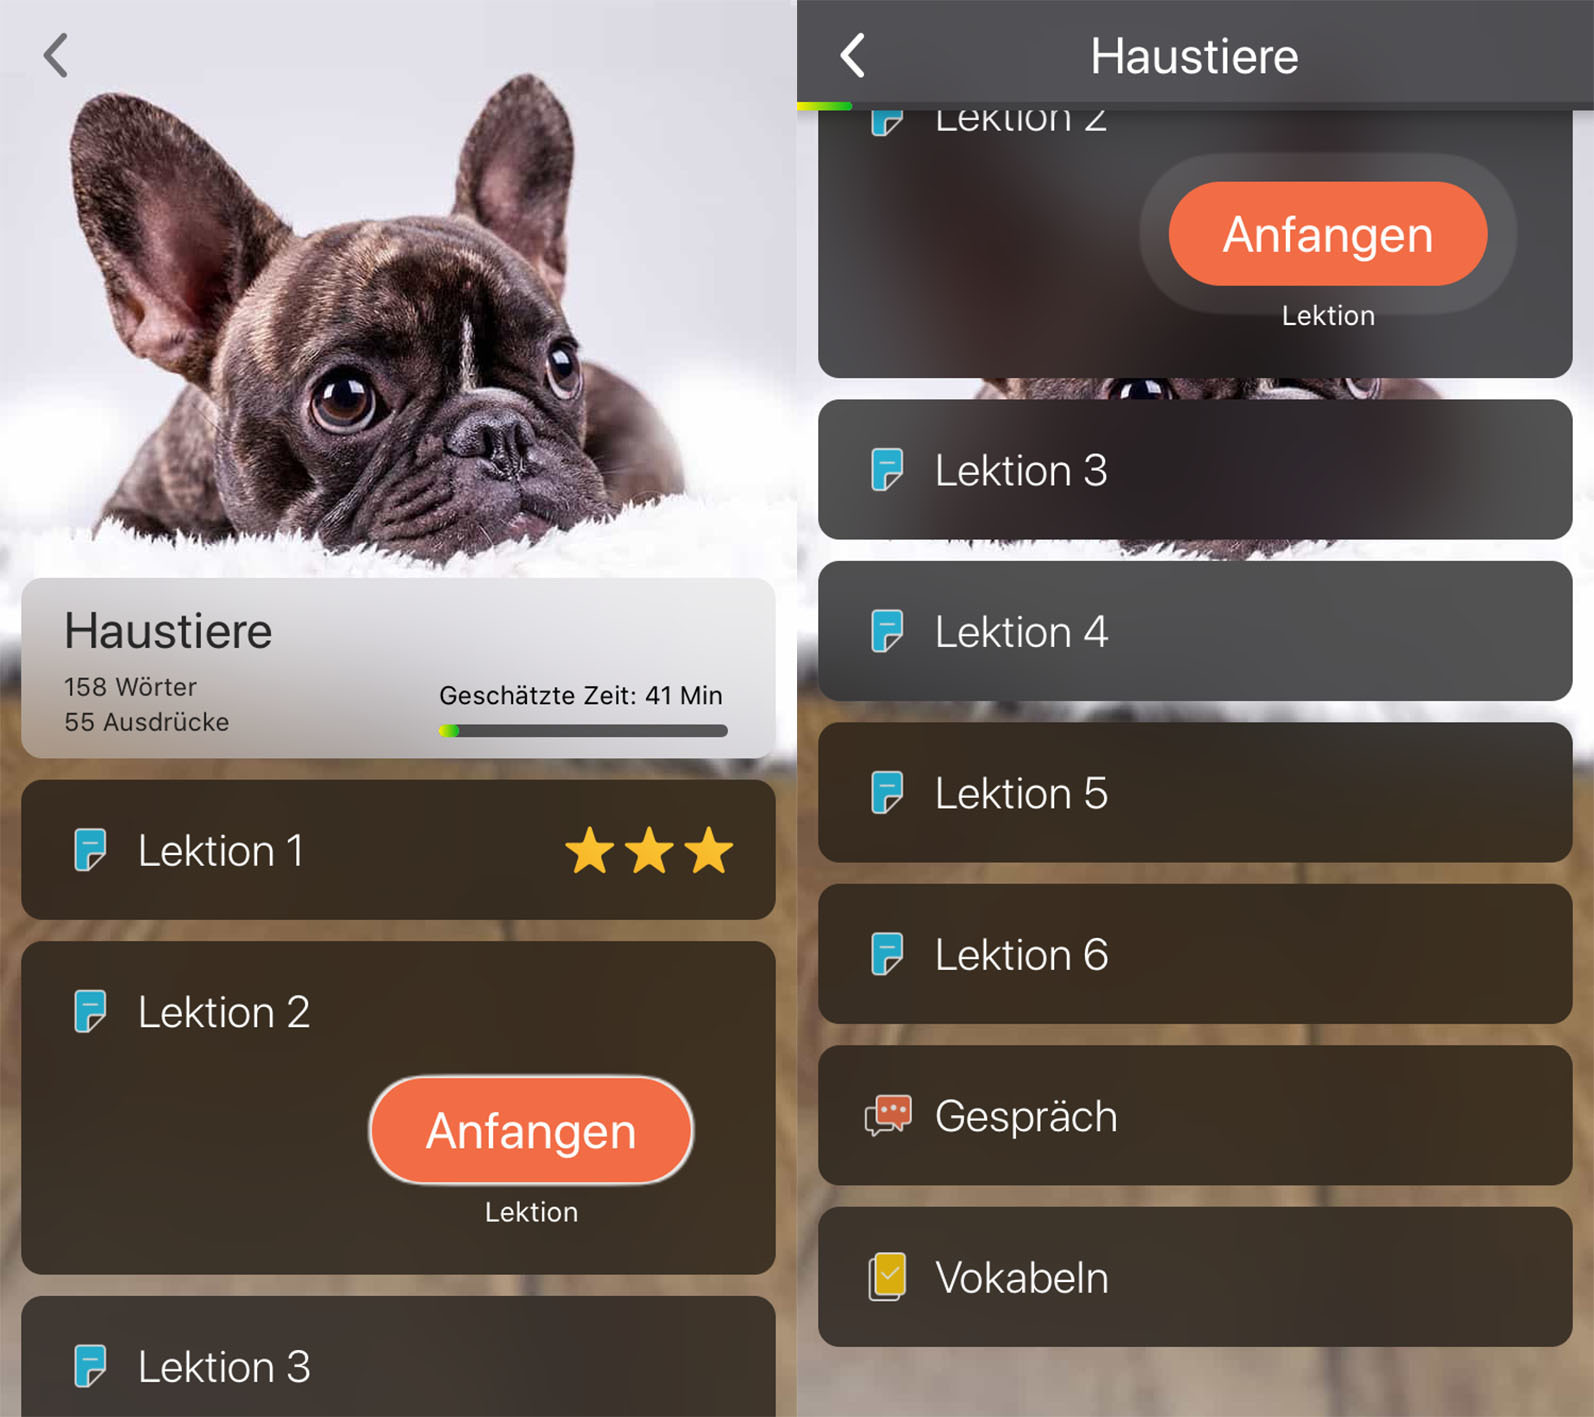 modly_app_kategorie_haustiere